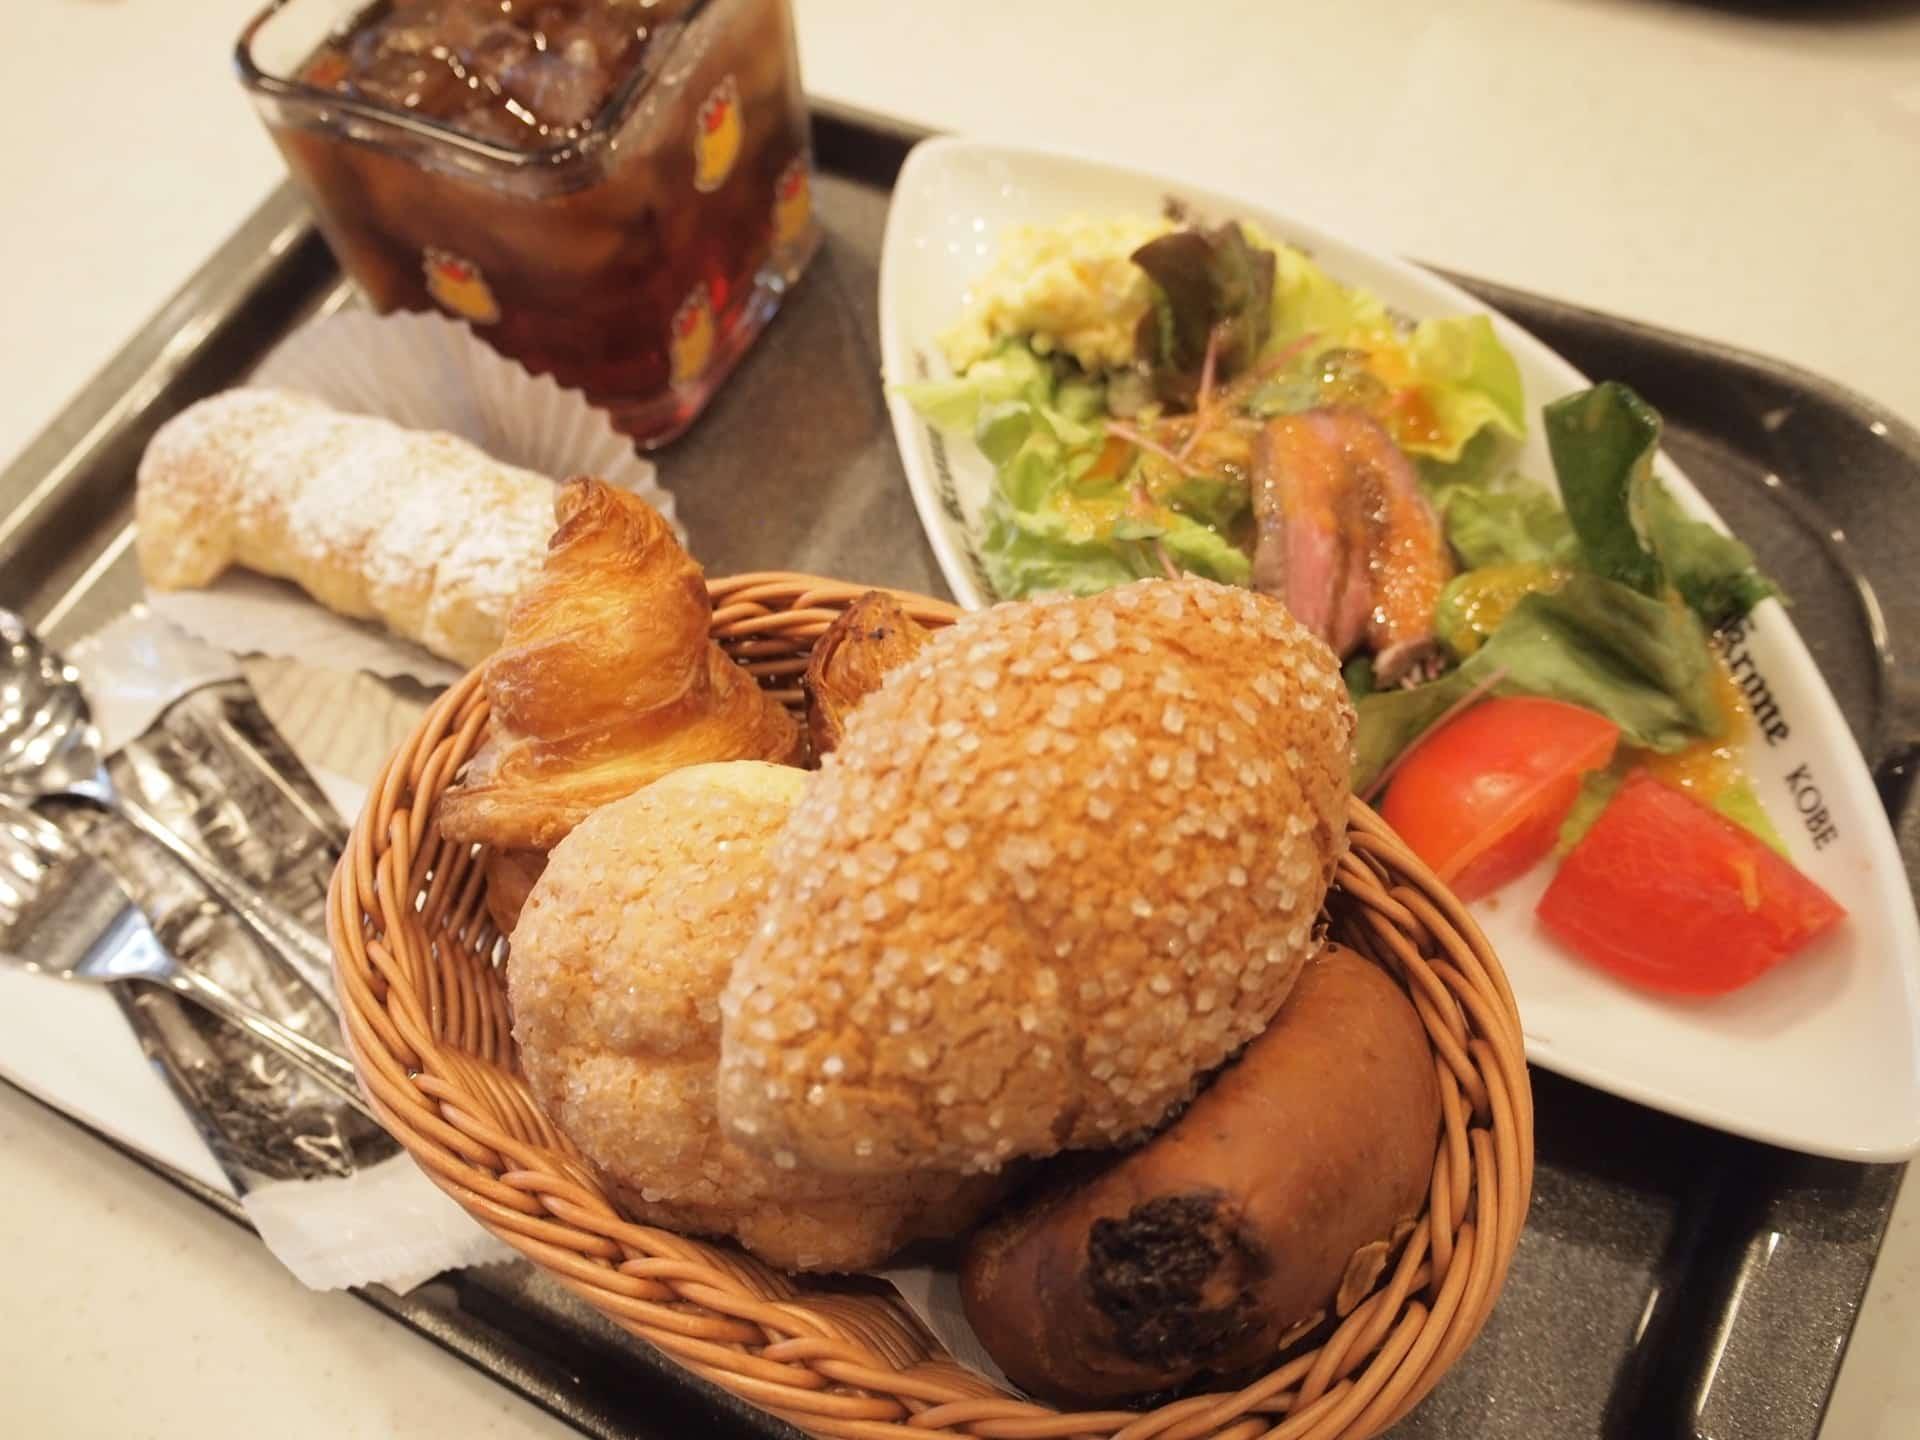 ケーニヒスクローネ ホテル くまポチ邸 ランチ 三宮 神戸 食べ放題 パン食べ放題 バイキング ビュッフェ 人気 おすすめ